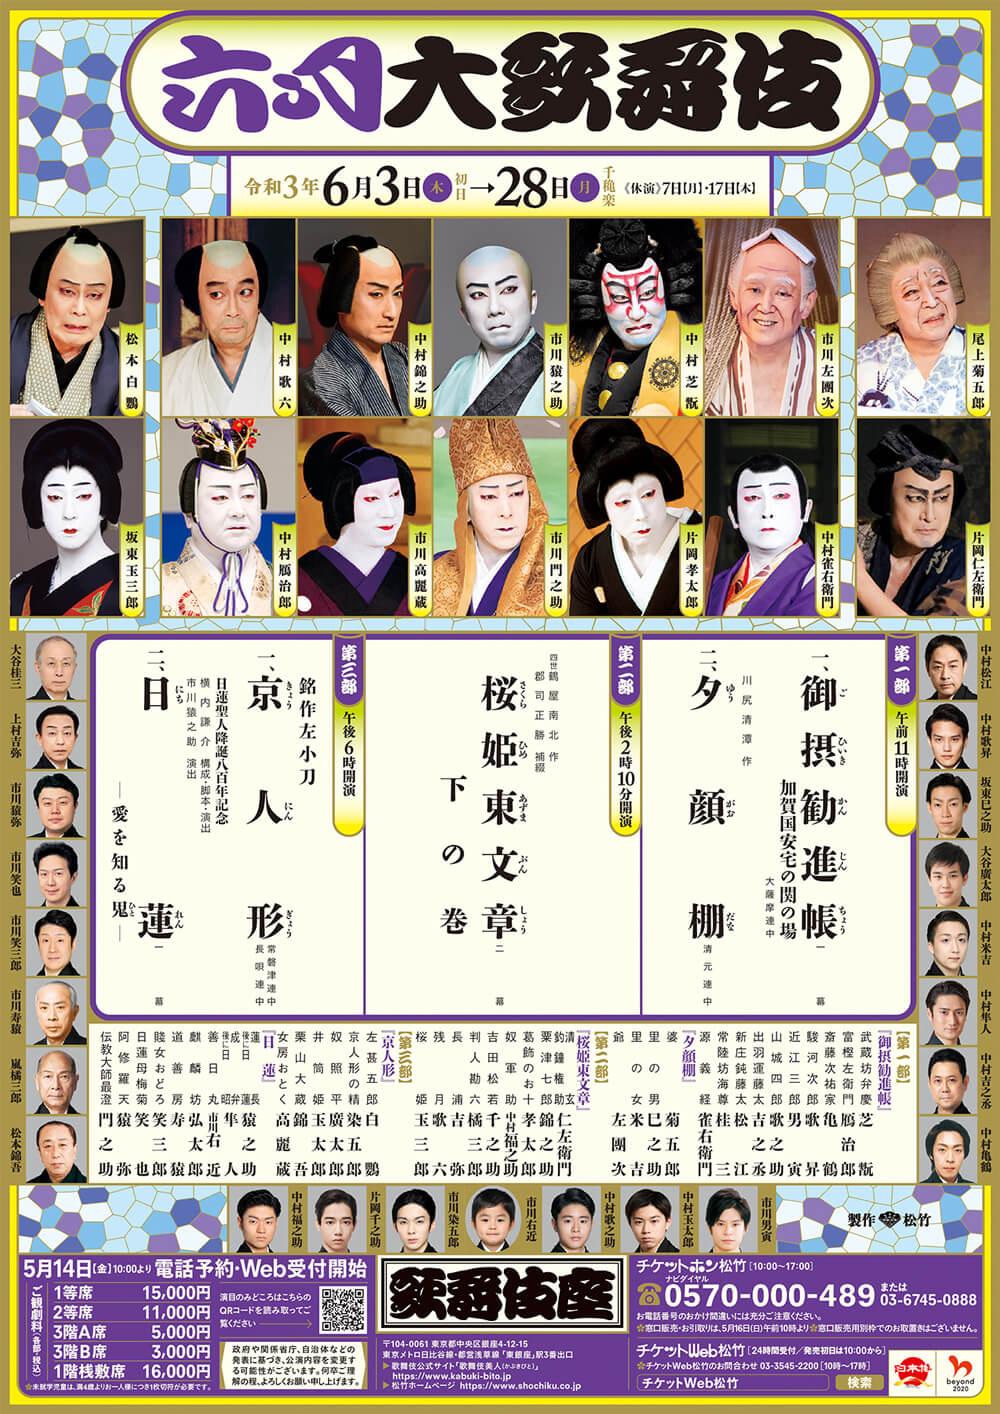 六月大歌舞伎 第一部『御摂勧進帳』『夕顔棚』歌舞伎座